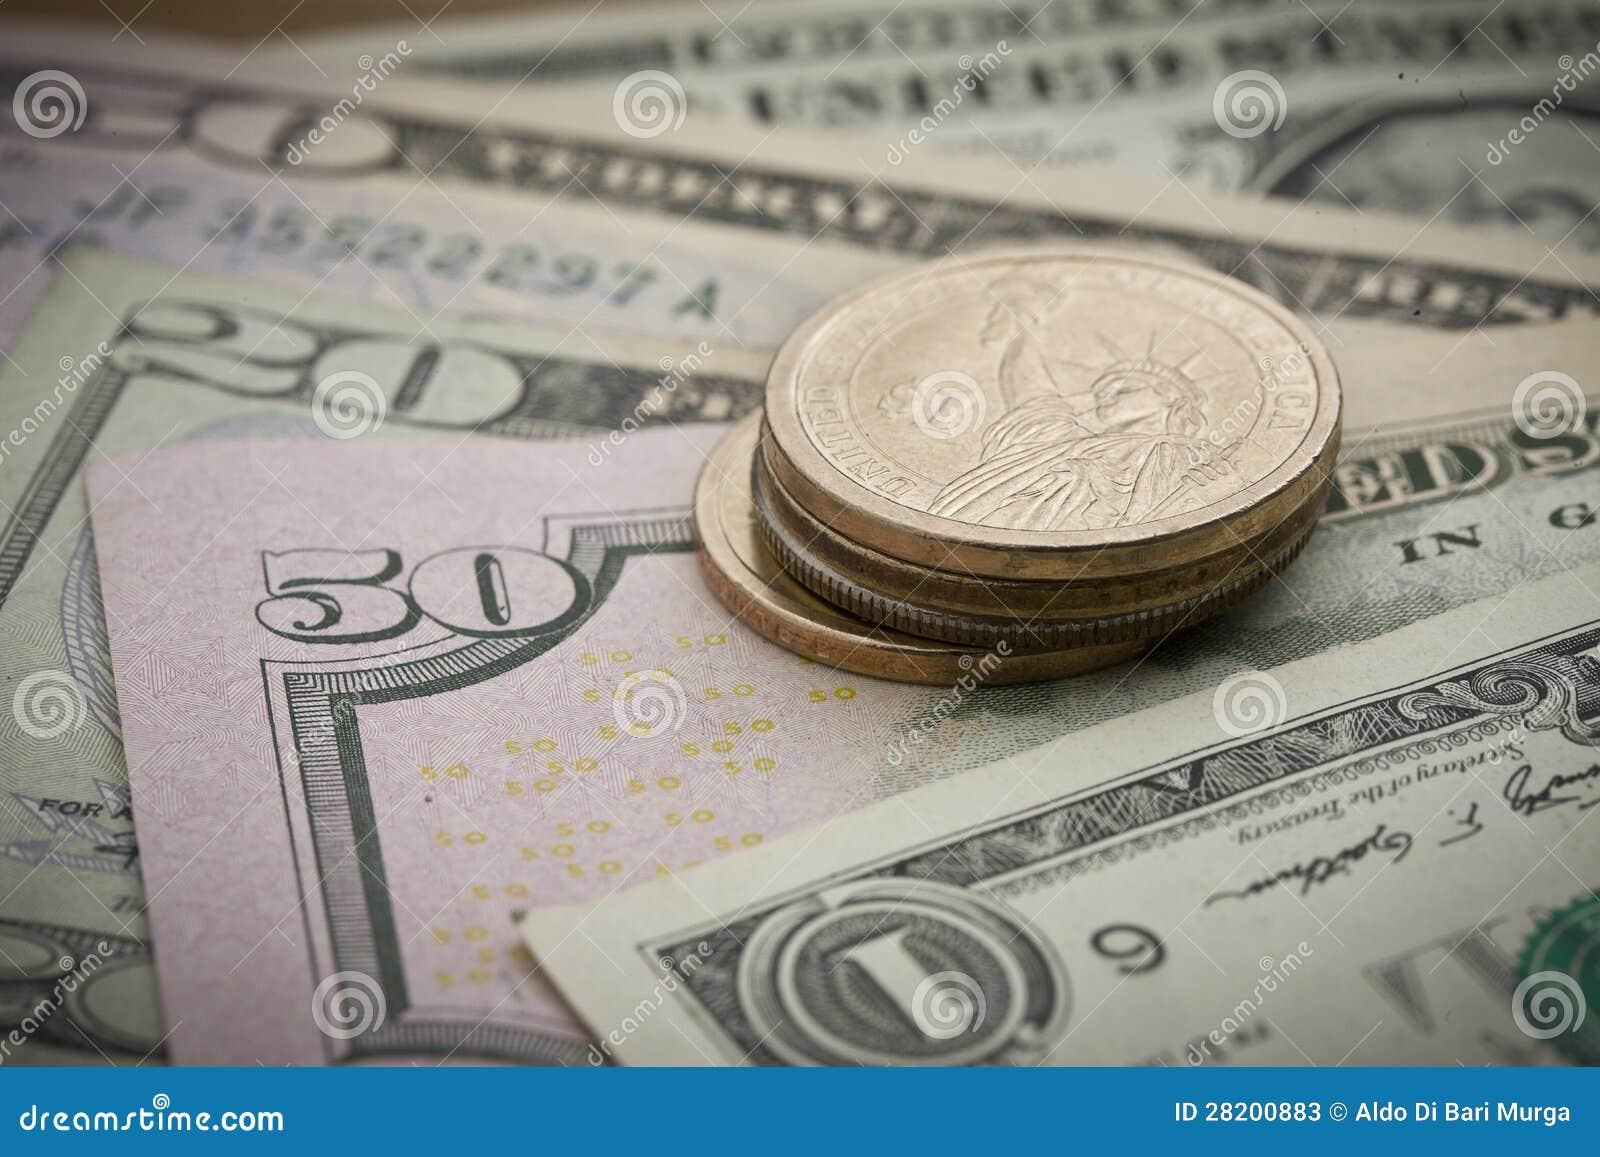 Gotówka: Banknoty i monety